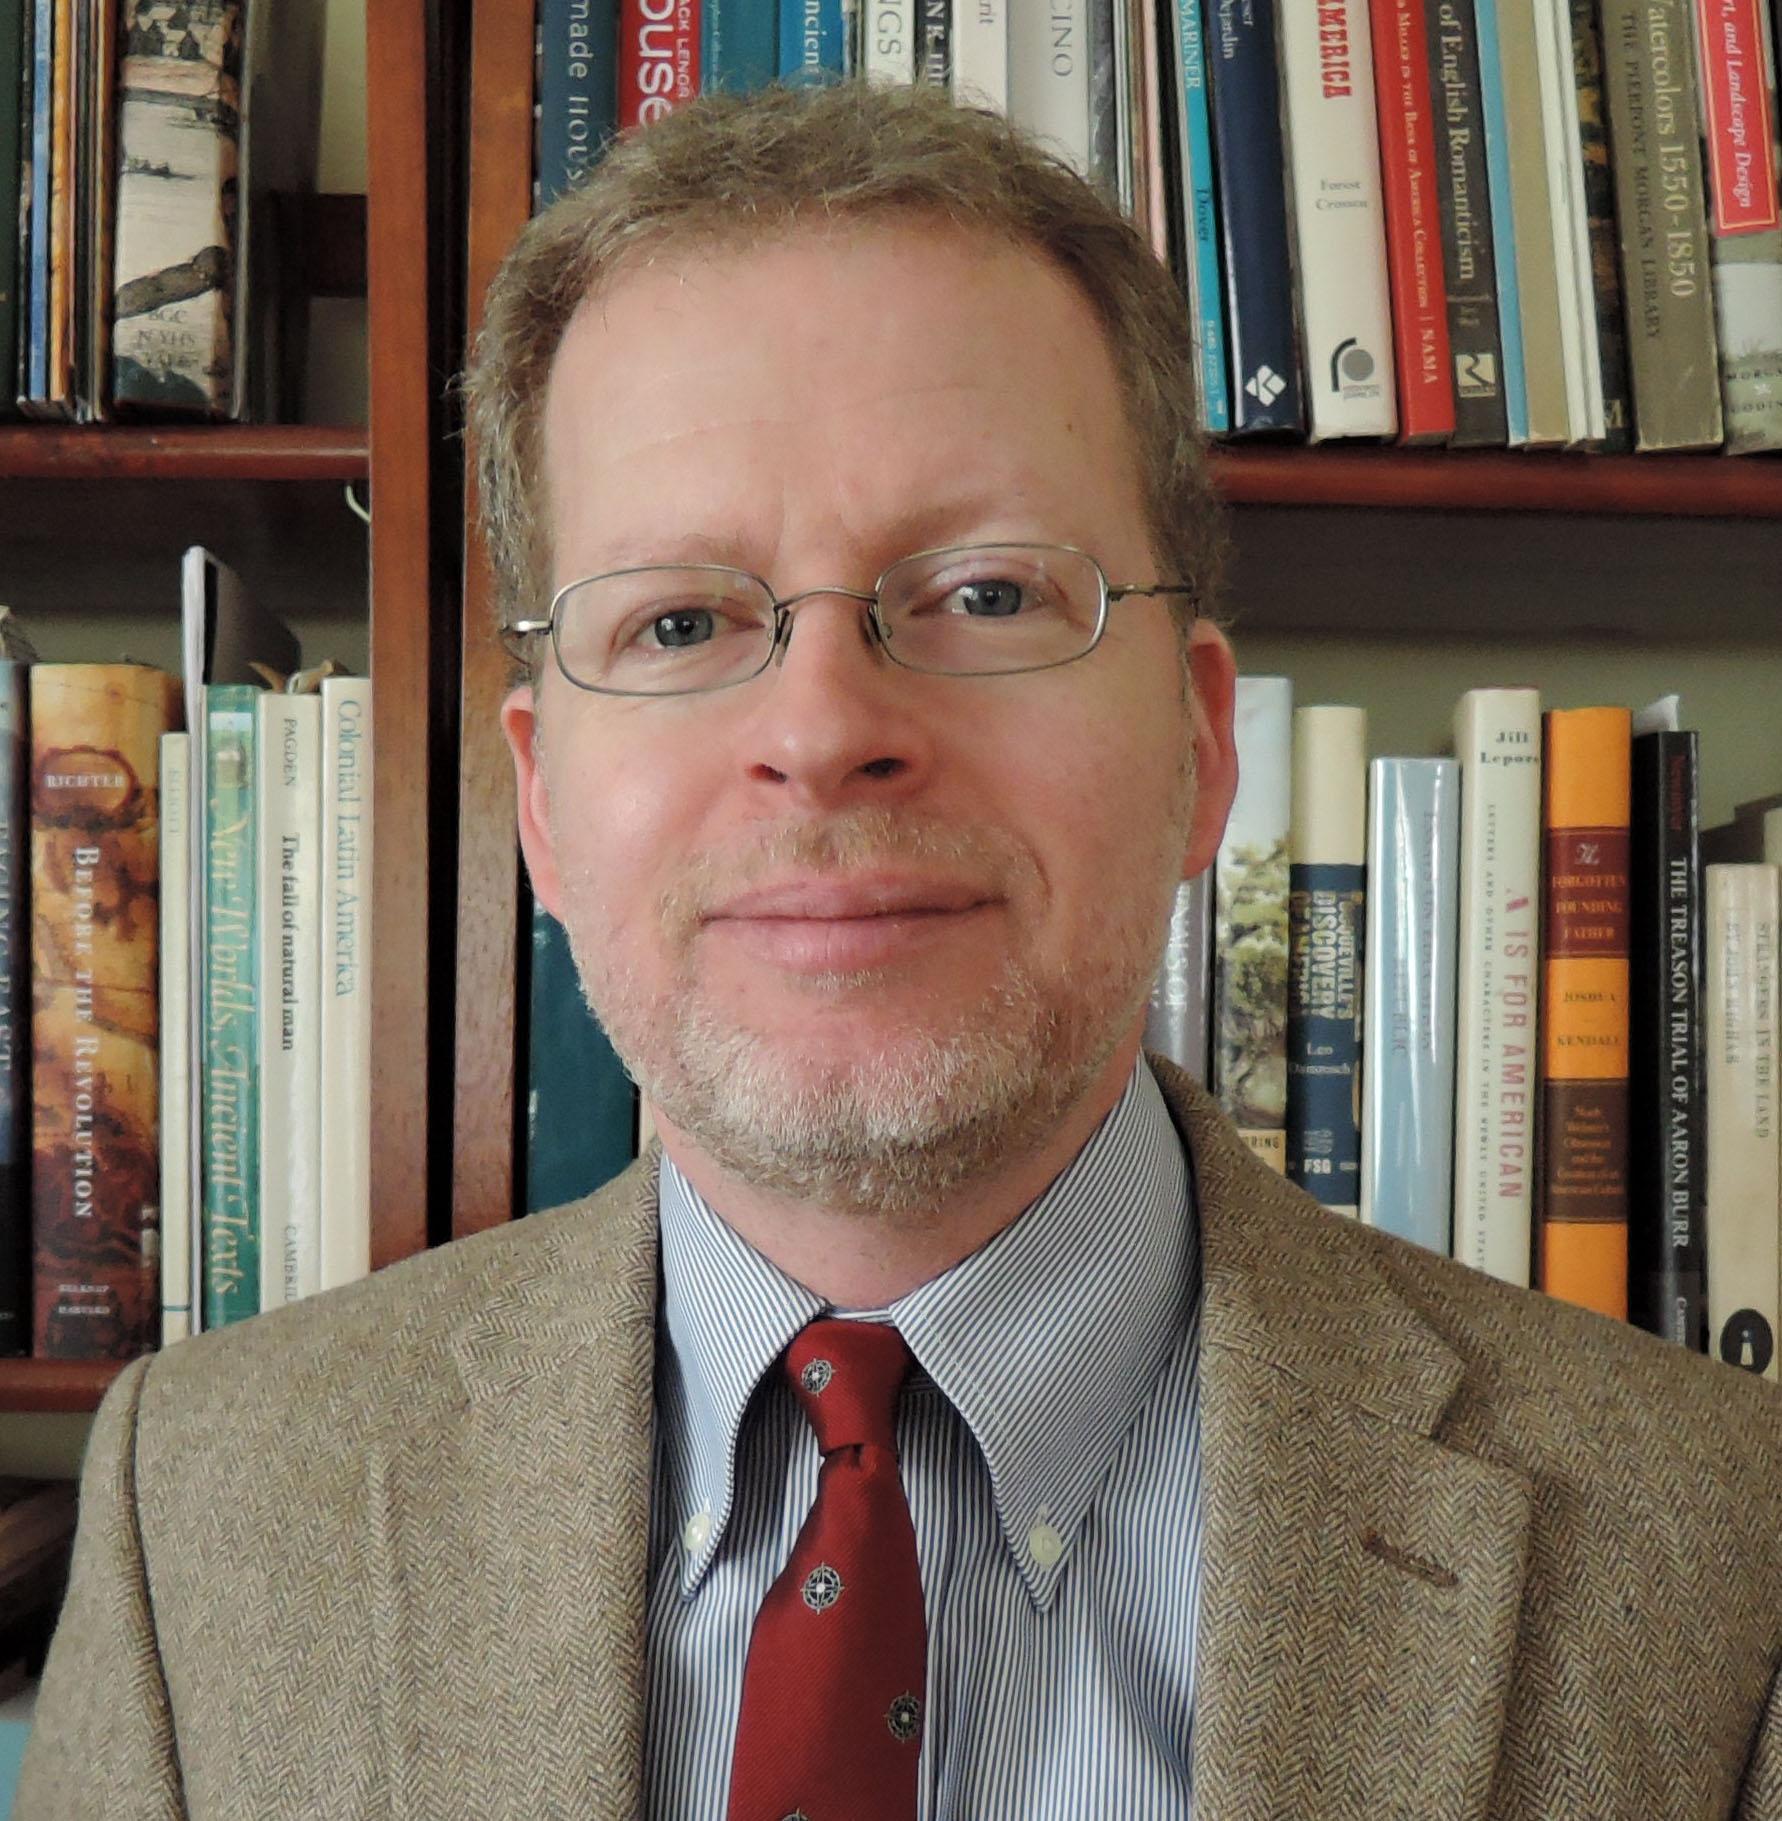 John Pollack